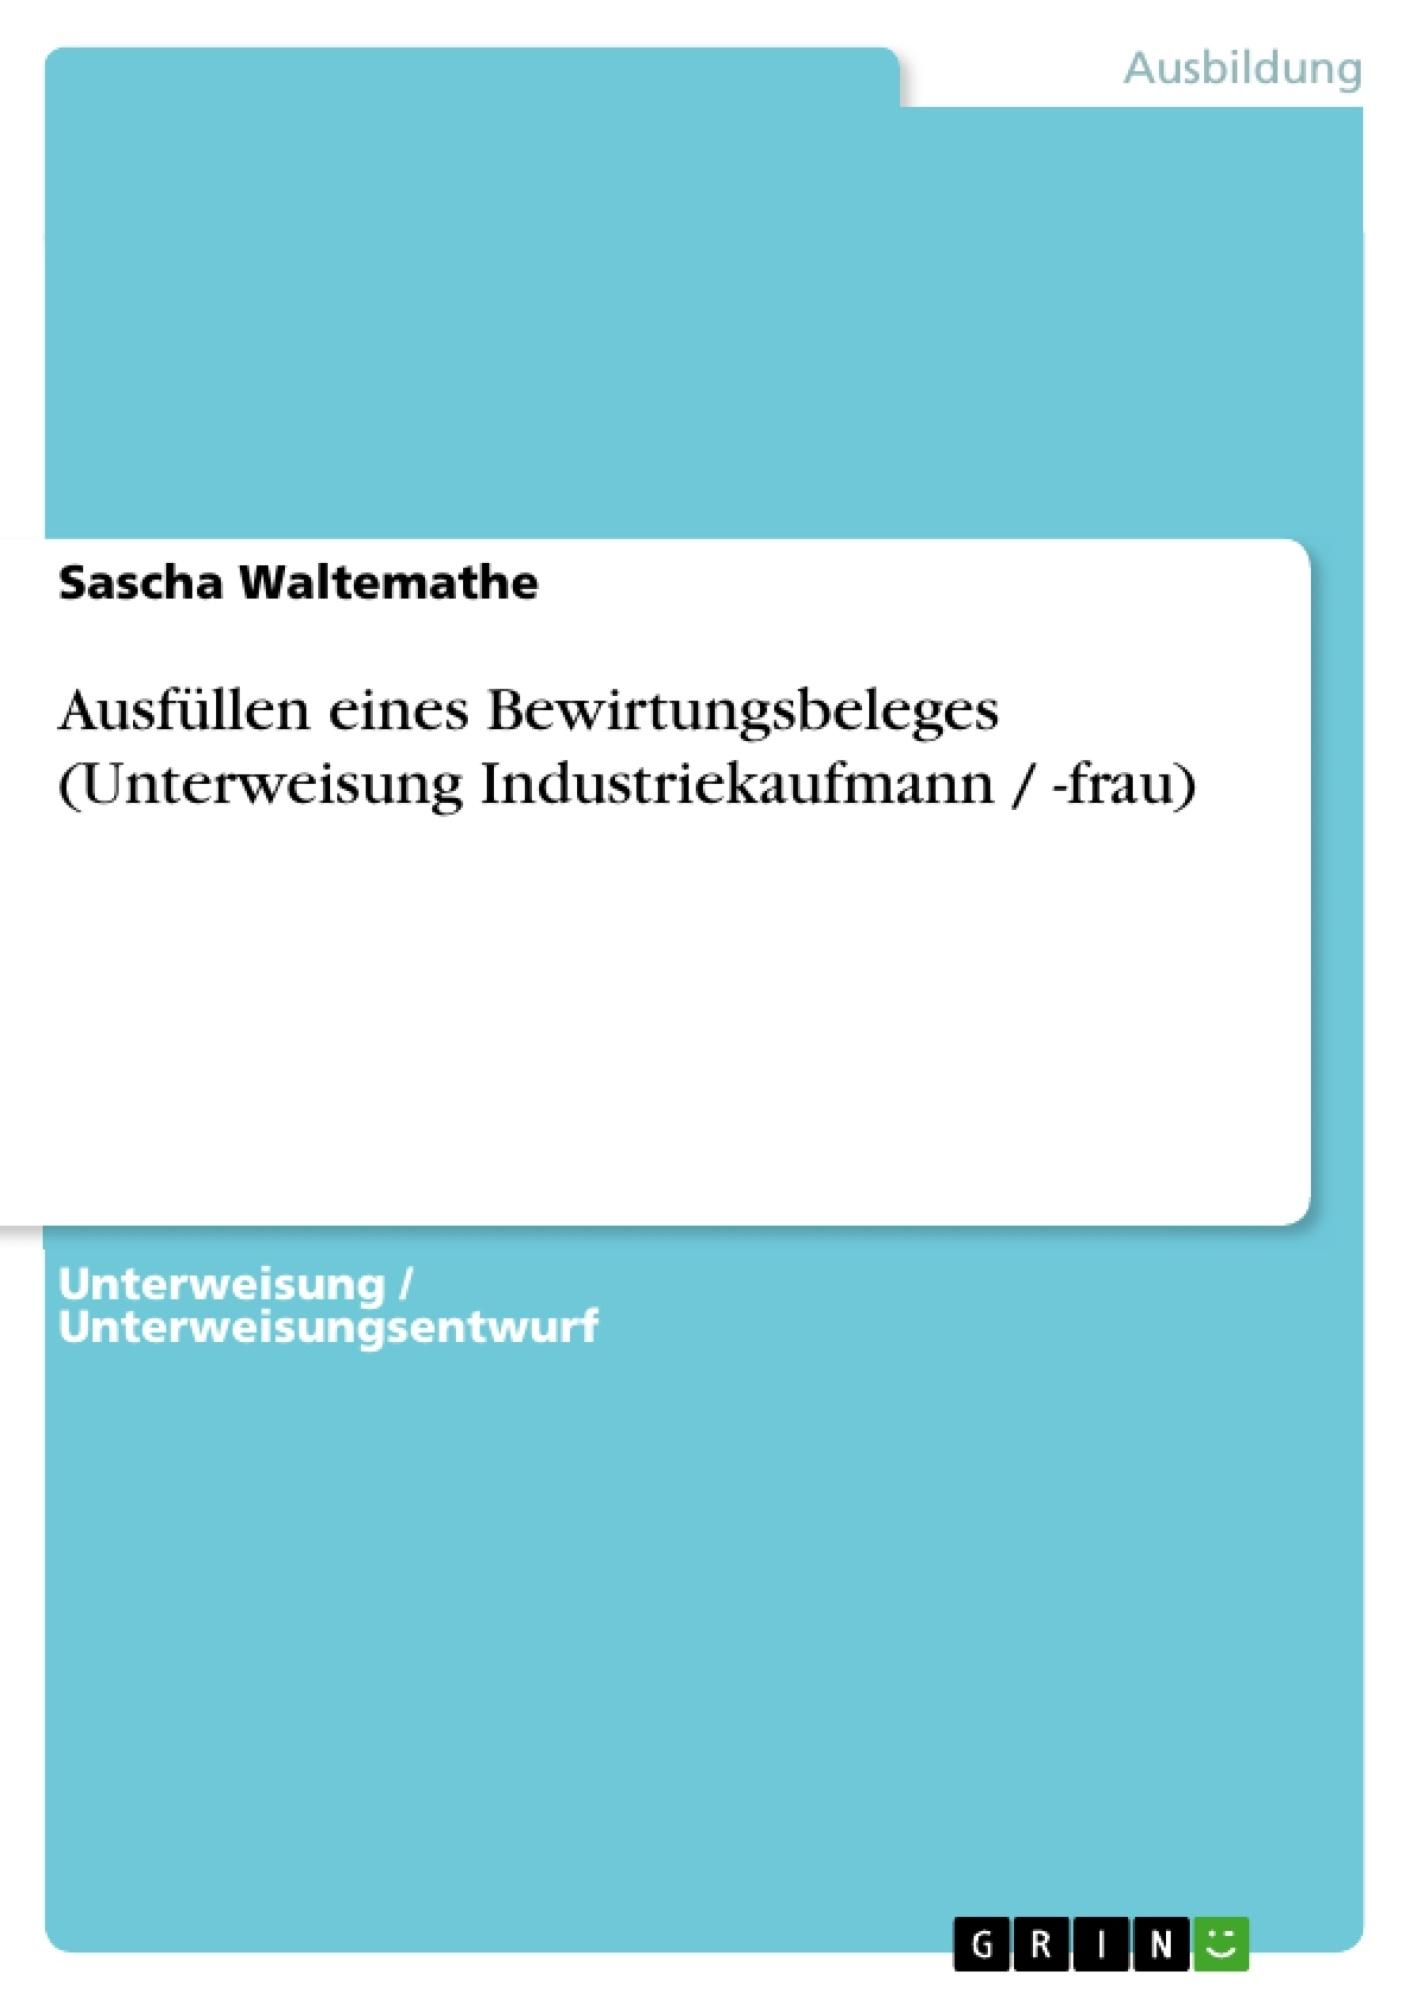 Titel: Ausfüllen eines Bewirtungsbeleges (Unterweisung Industriekaufmann / -frau)